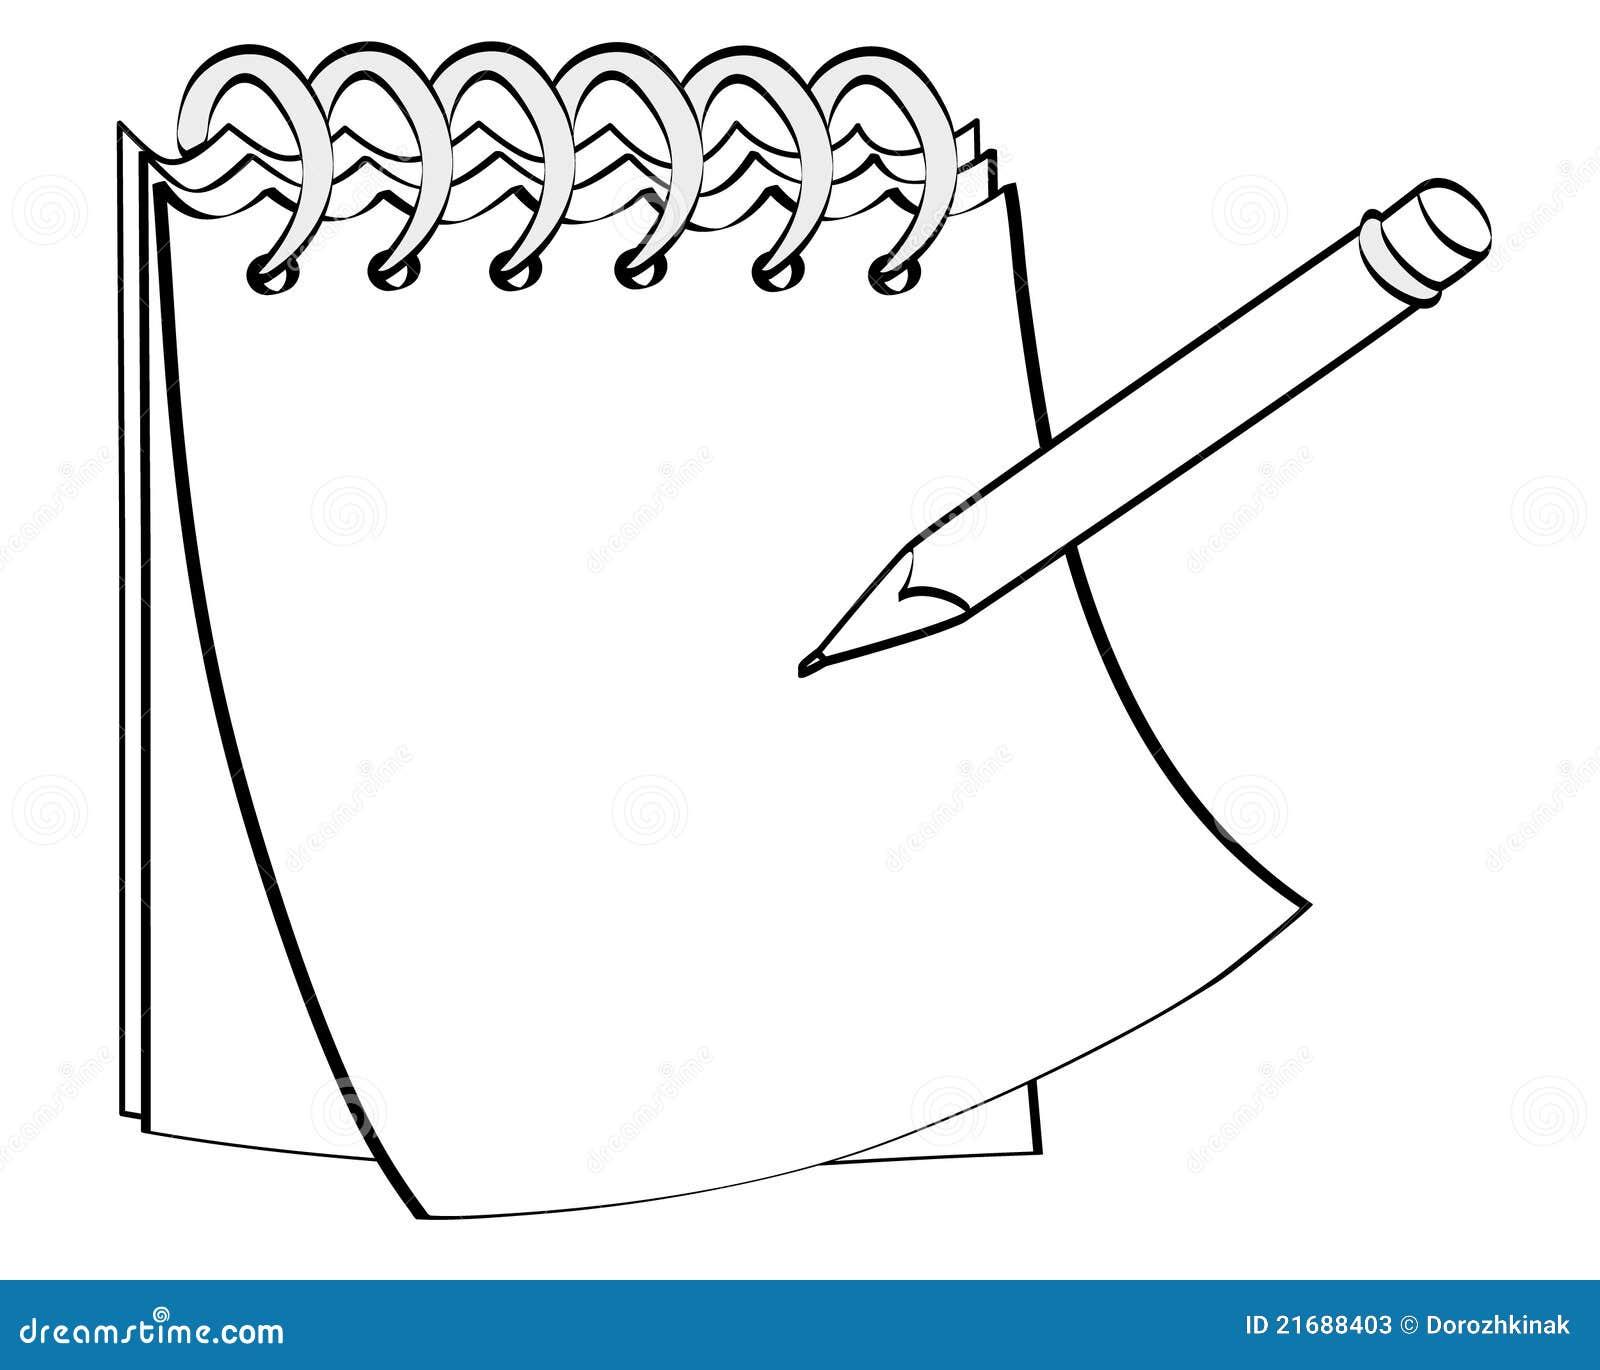 Free Worksheets xl worksheet : Notizblock Mit Einem Bleistift Stockfotos - Bild: 21688403